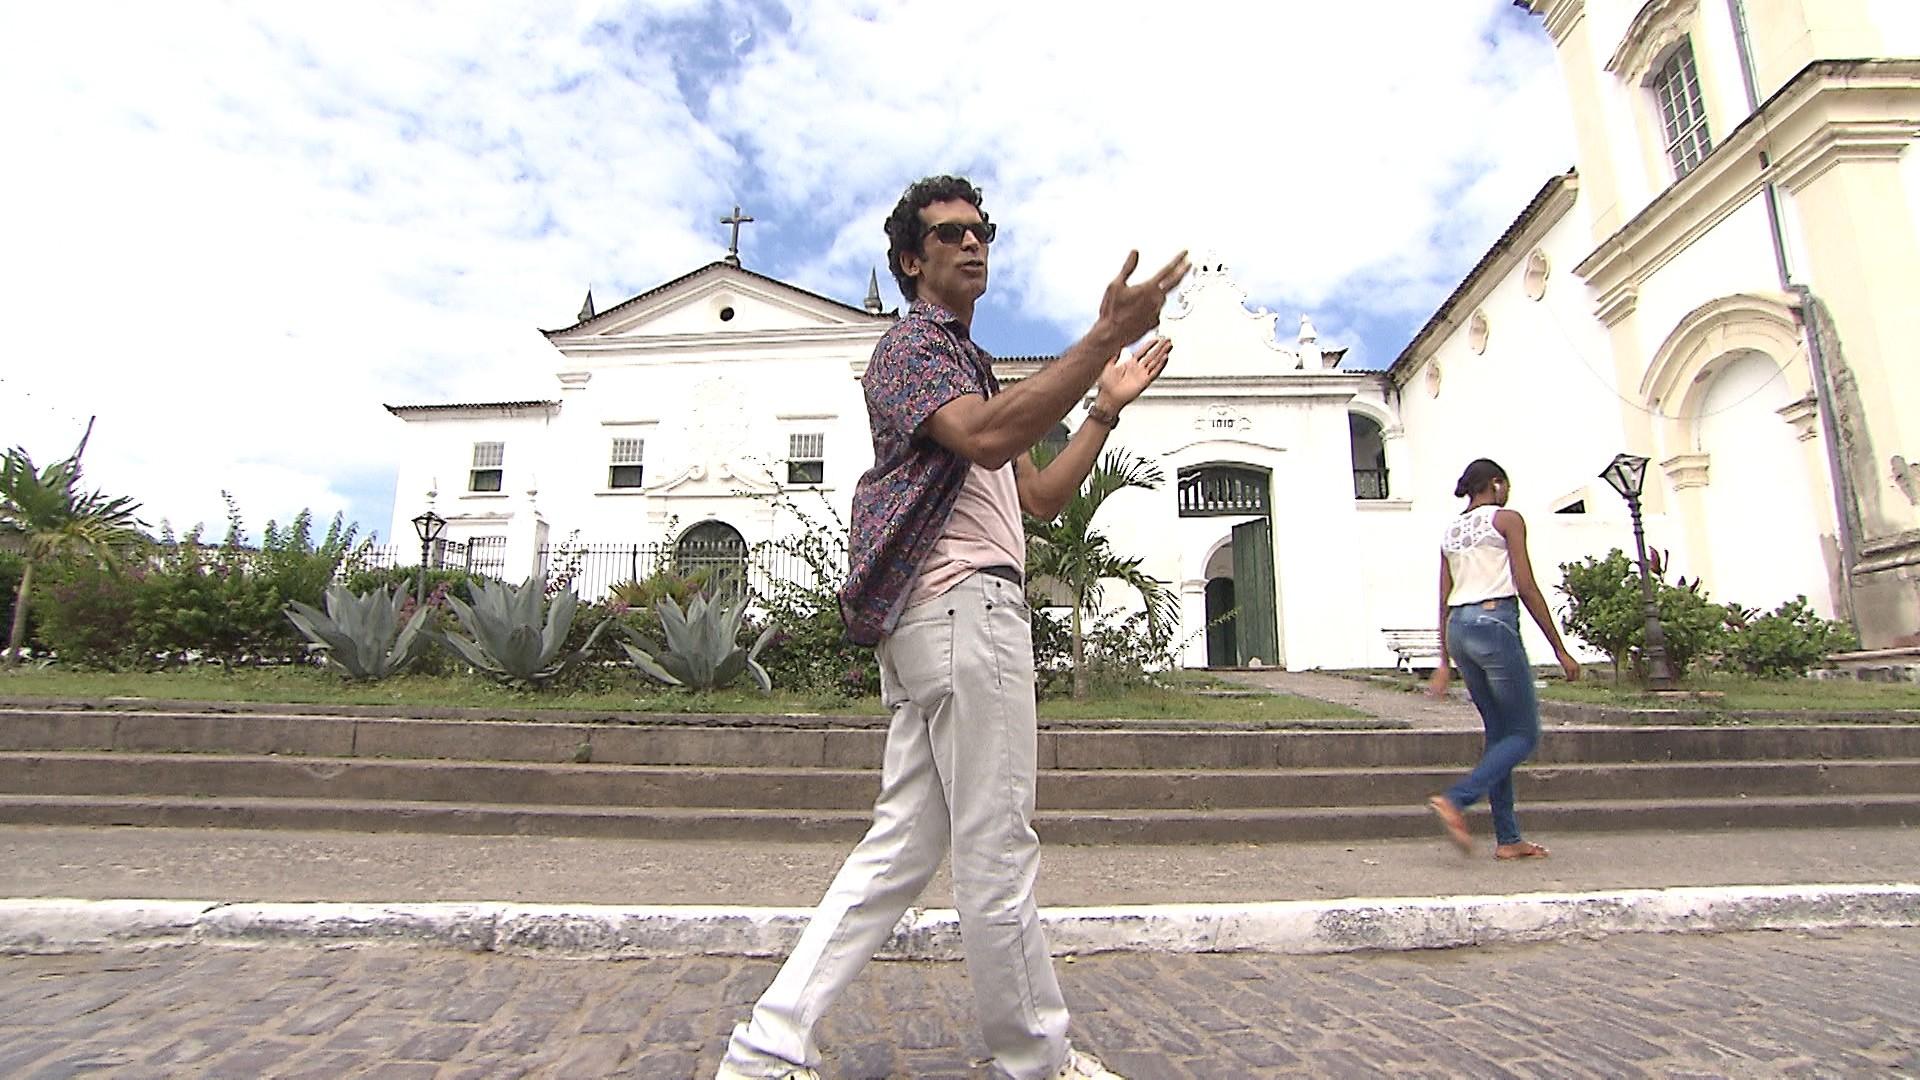 Apresentador Jackson Costa passeia pela cidade de Cachoeira, que sedia a Flica 2015 (Foto: Divulgação)